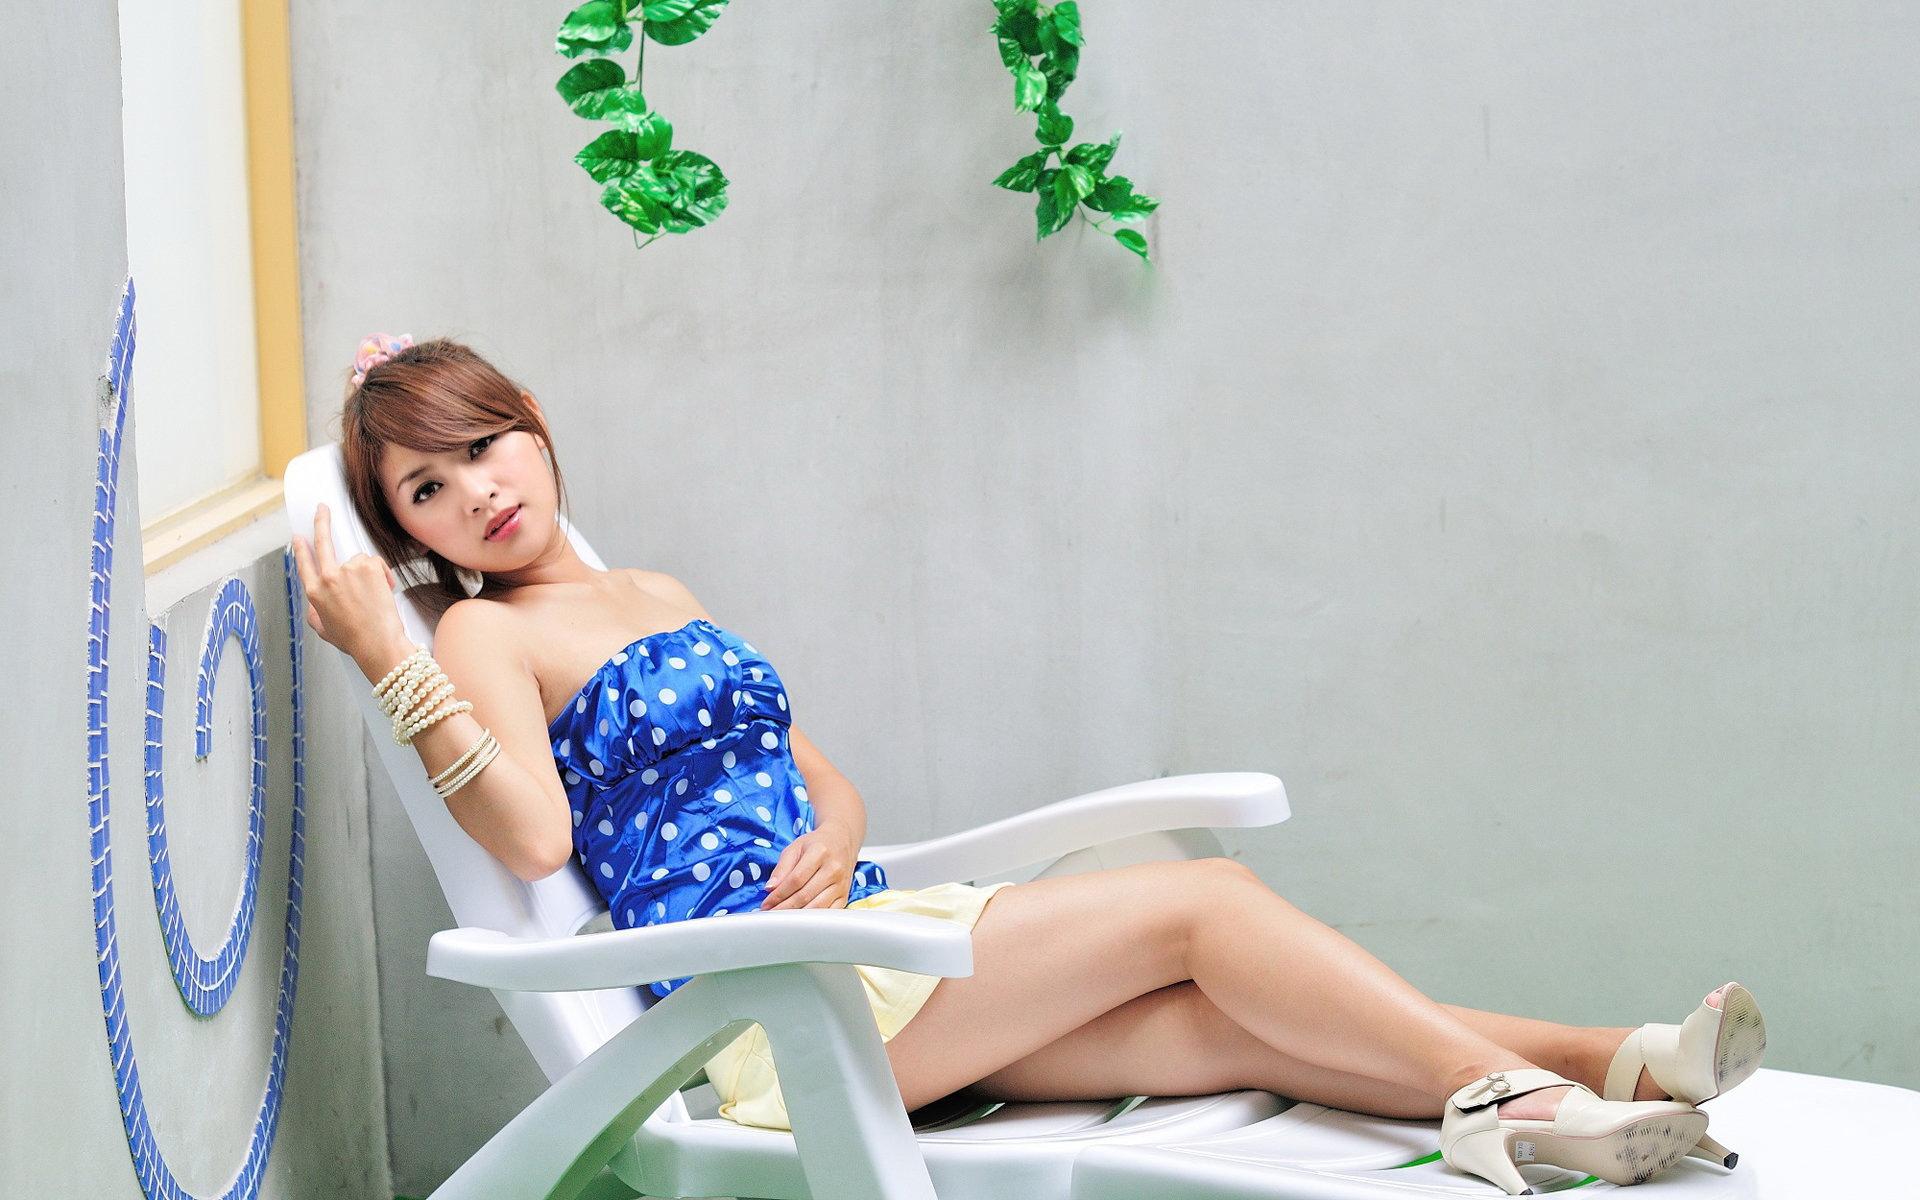 台湾模特安达熙(Daphny)宽屏壁纸(壁纸1)